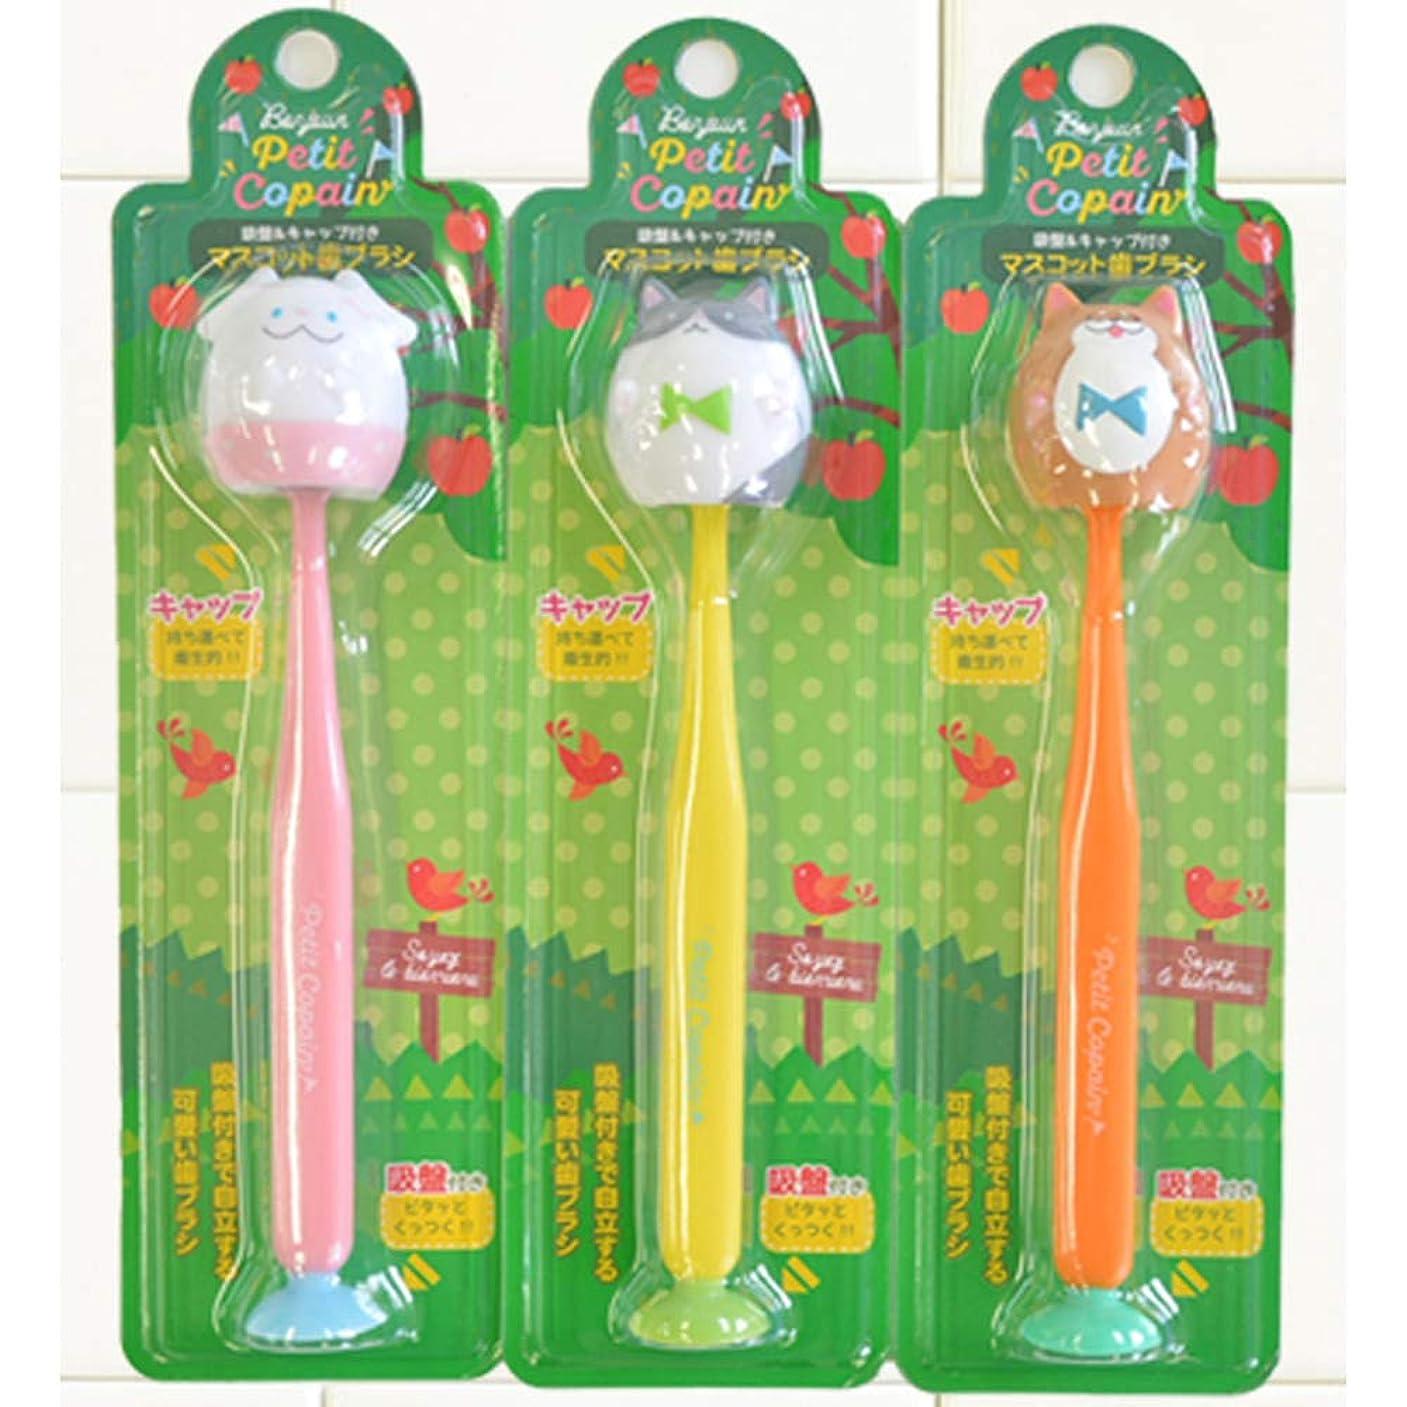 小川リンス日常的にプティコパン 吸盤付き歯ブラシ 3本セット(ウサギ?ネコ?シバイヌ)